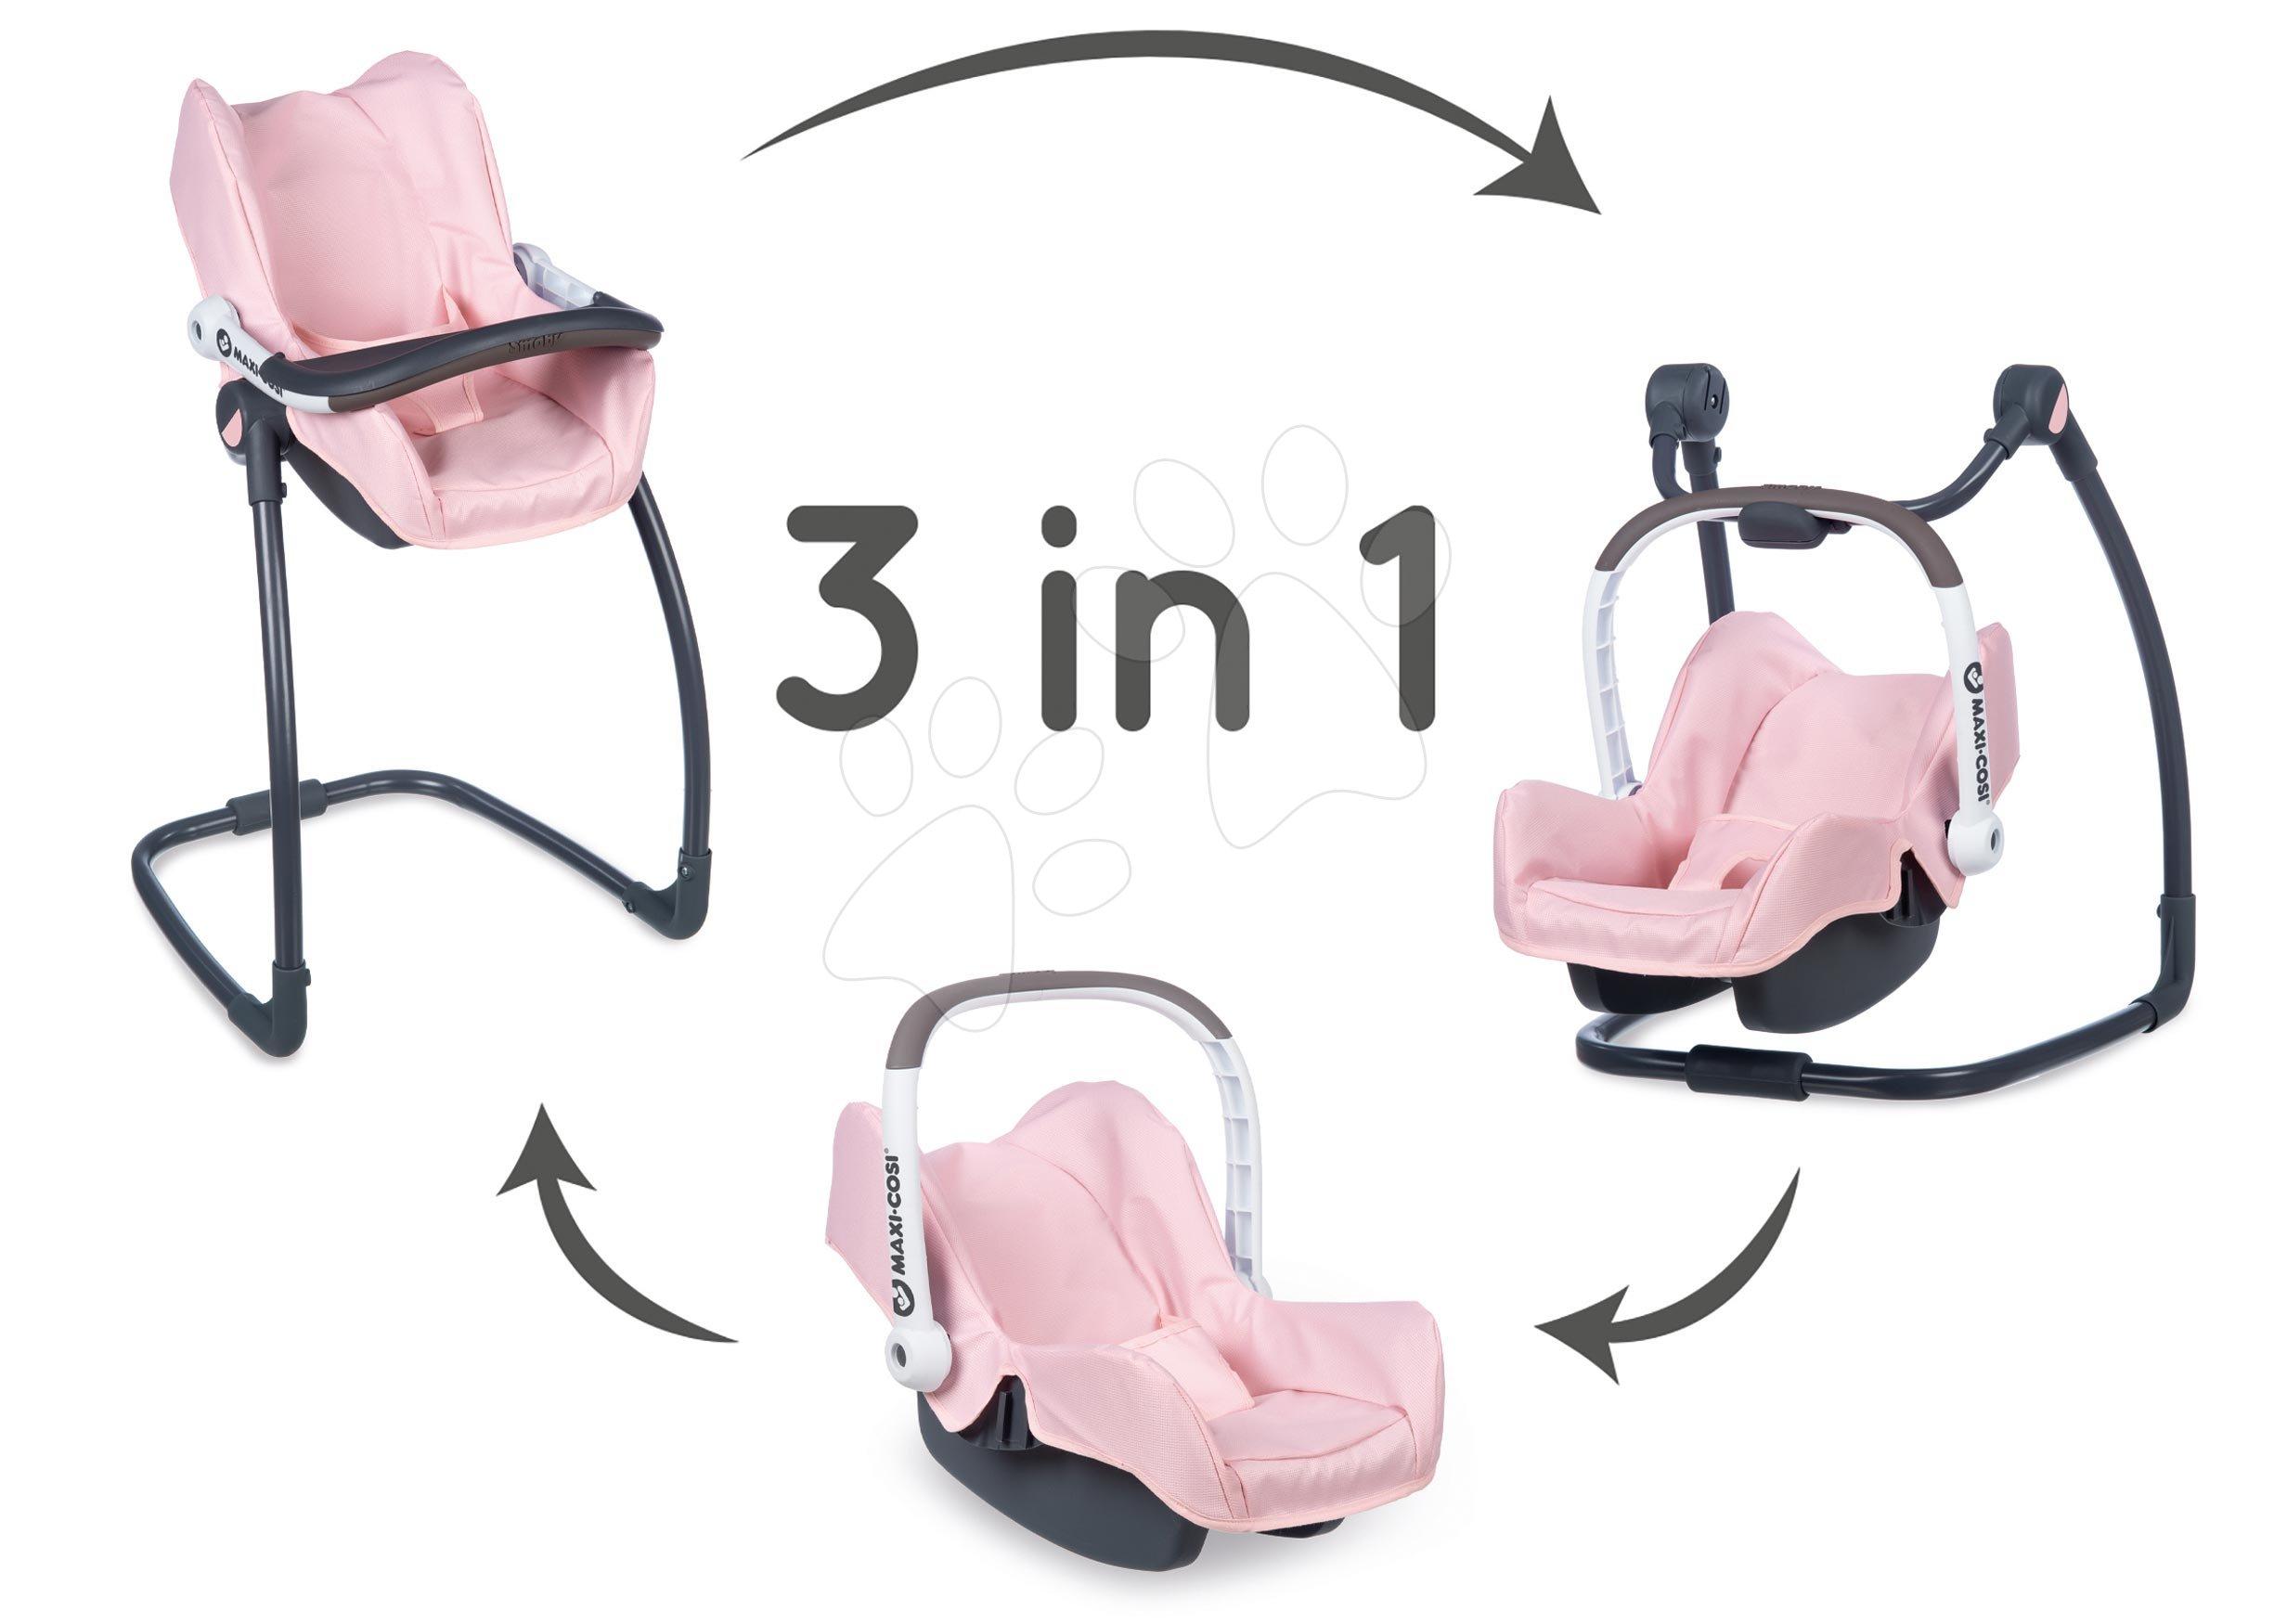 Jídelní židle s autosedačkou a houpačkou Powder Pink Maxi Cosi&Quinny Smoby trojkombinace s bezpečno